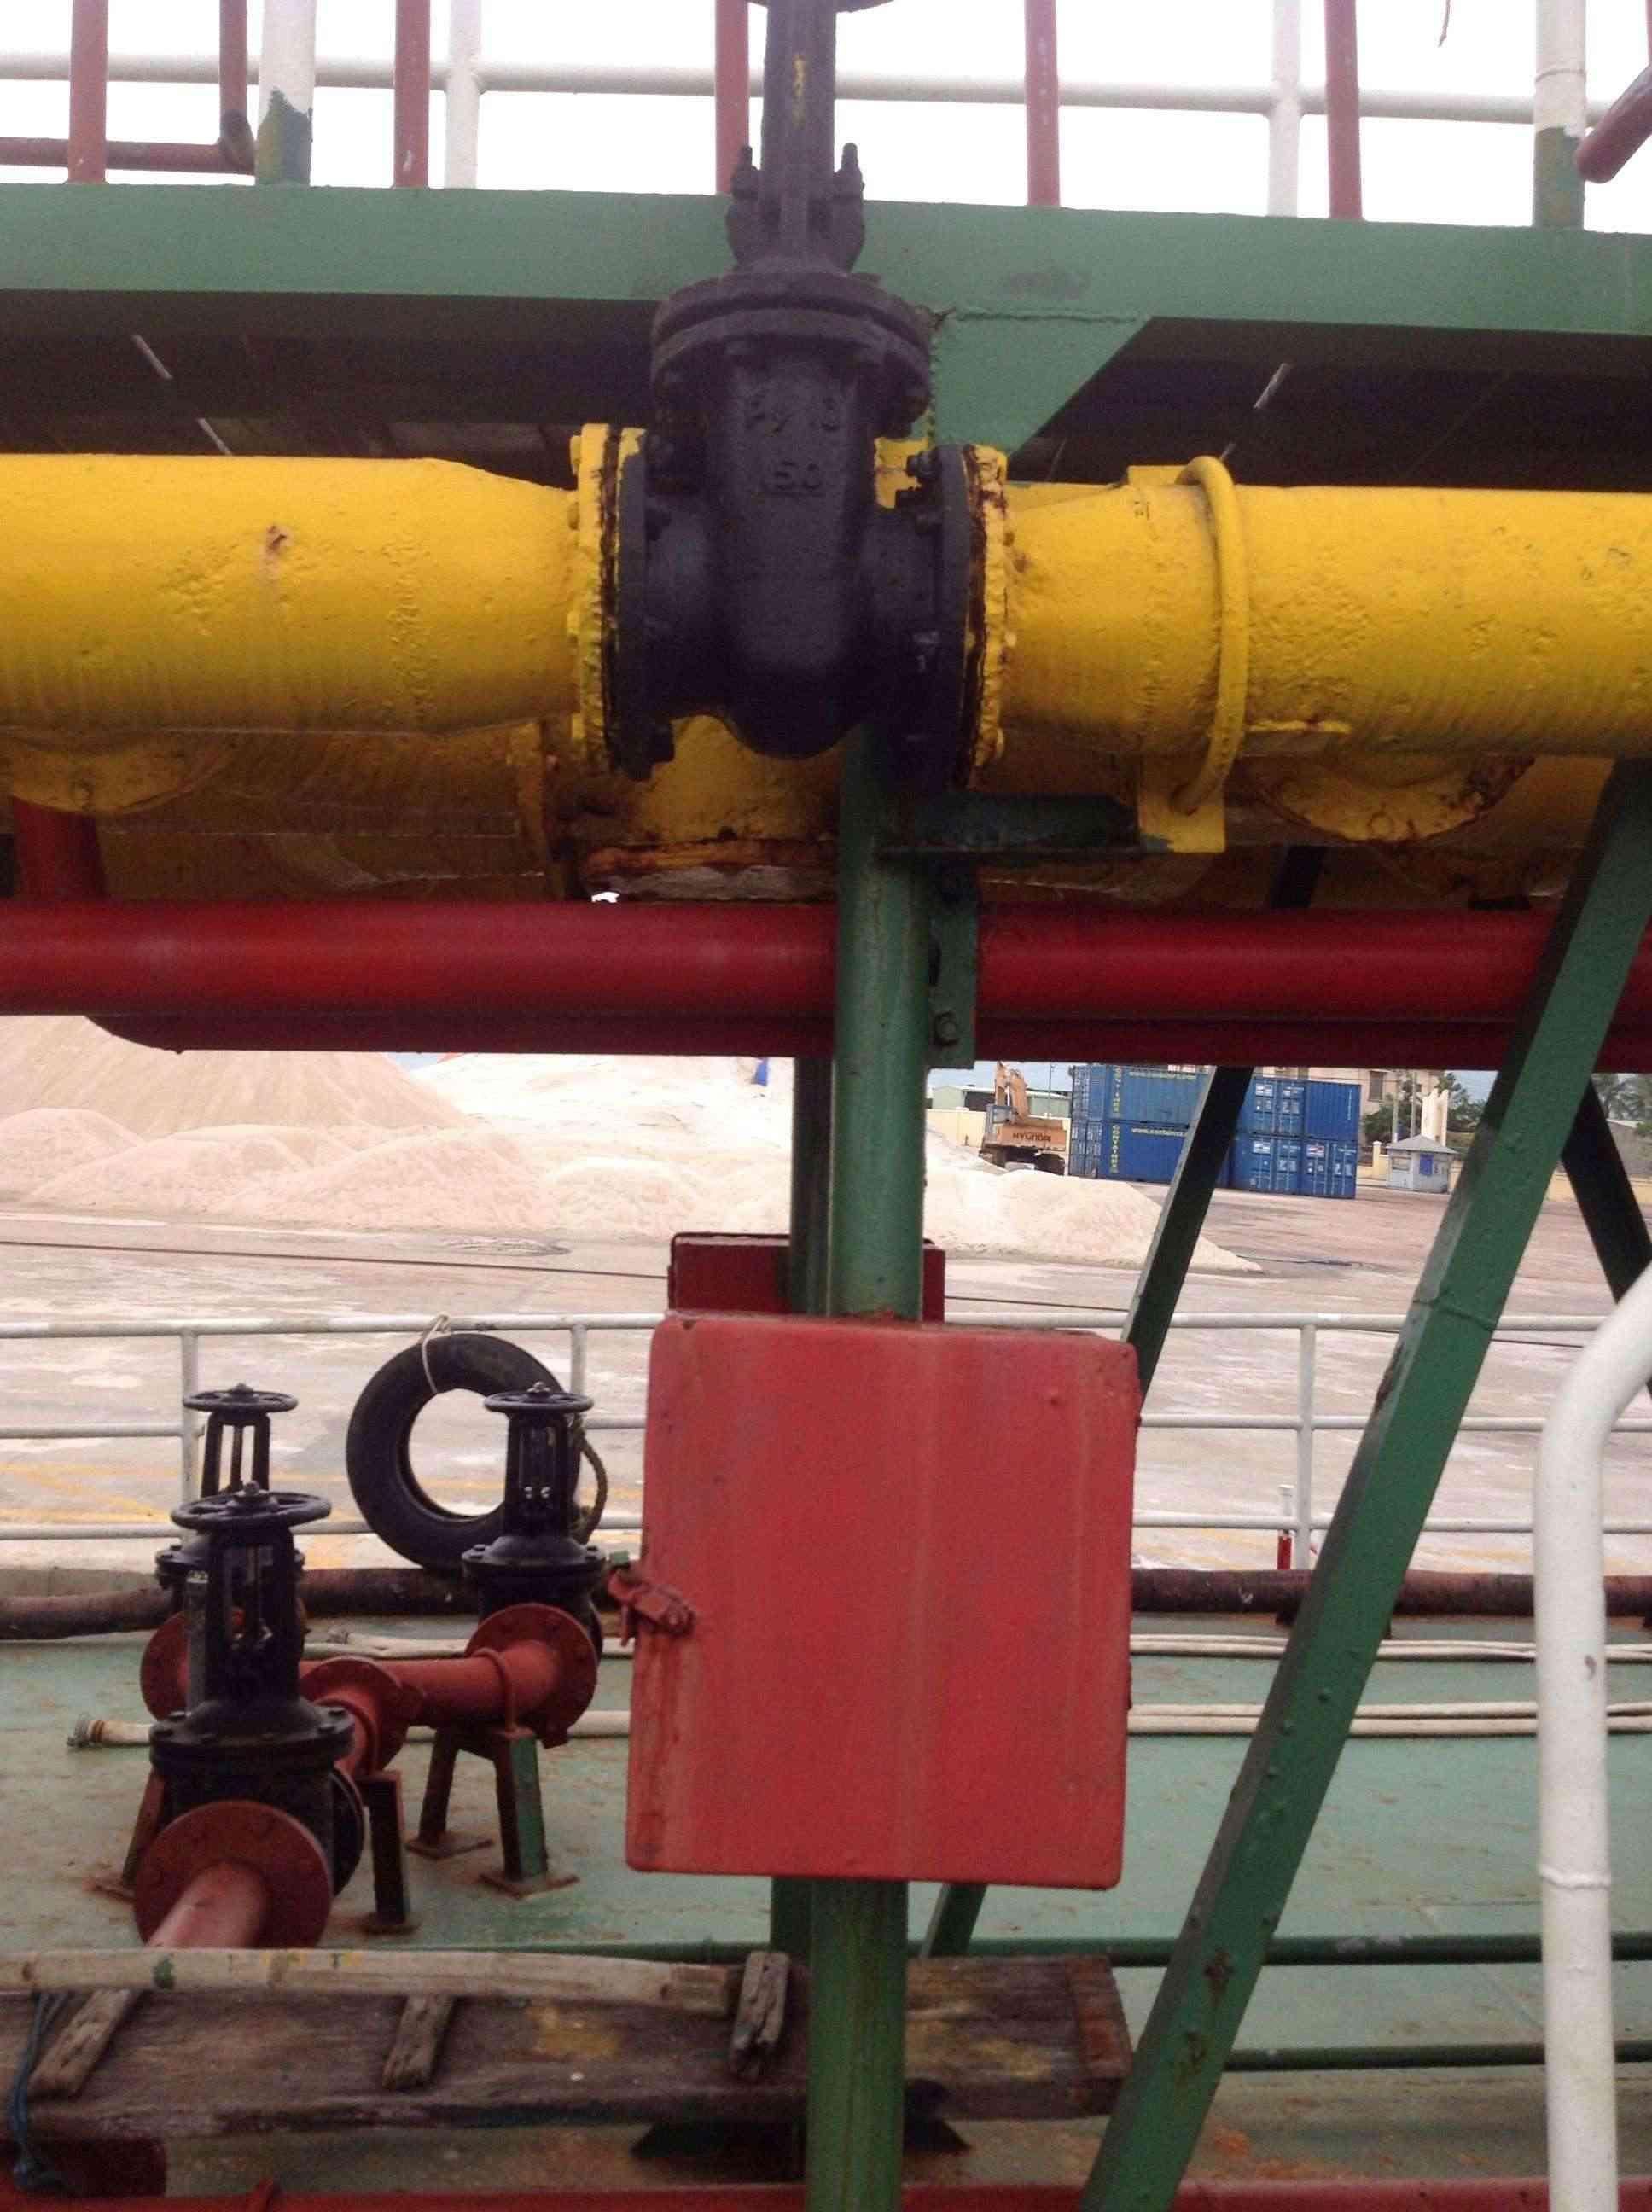 Thi công chống thấm, gia cường bề mặt vỏ tàu bằng vật liệu siêu bền Polyurea ! 50f2f010